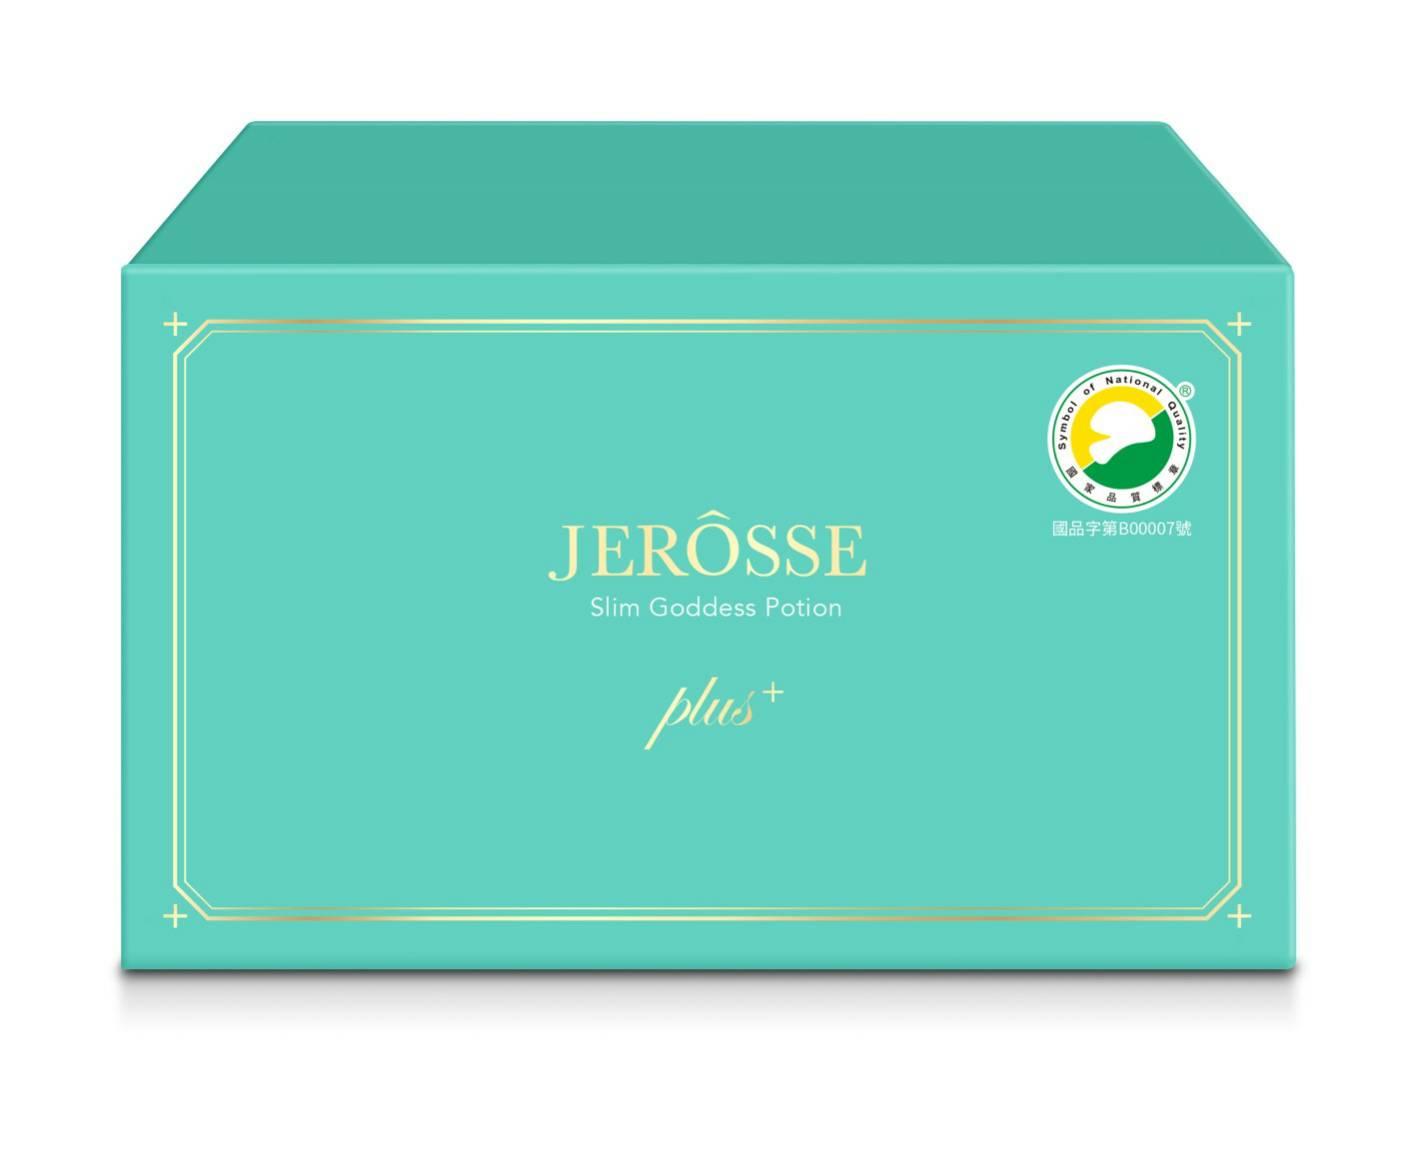 【3盒入】JEROSSE 婕樂纖 纖纖飲Plus 不適用折扣碼折價券 1